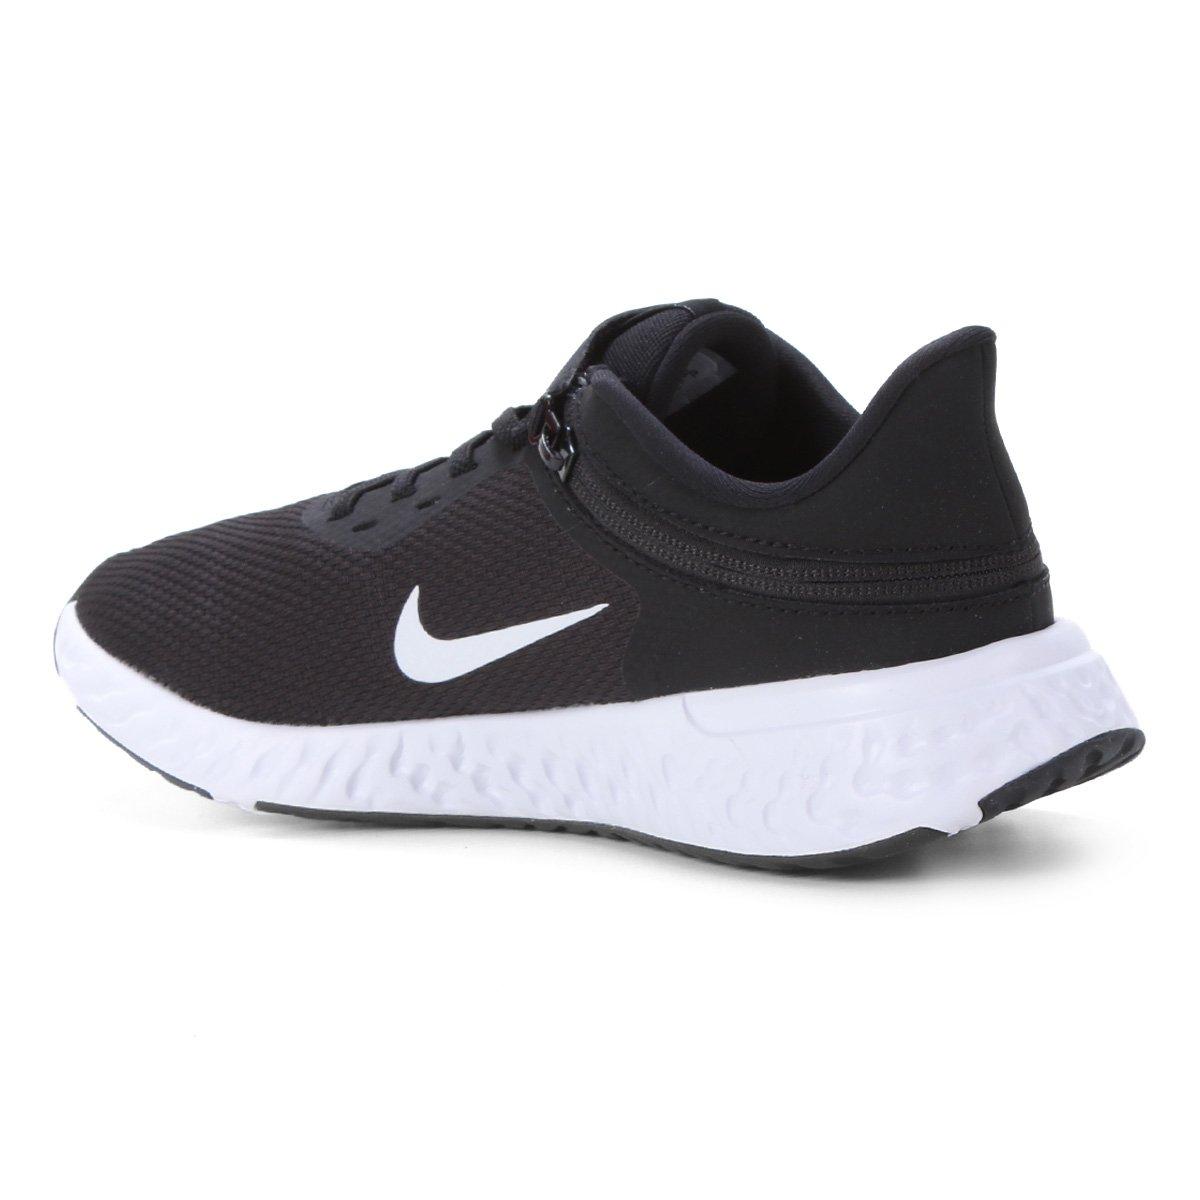 Tênis Nike Revolution 5 Flyease Preto Branco